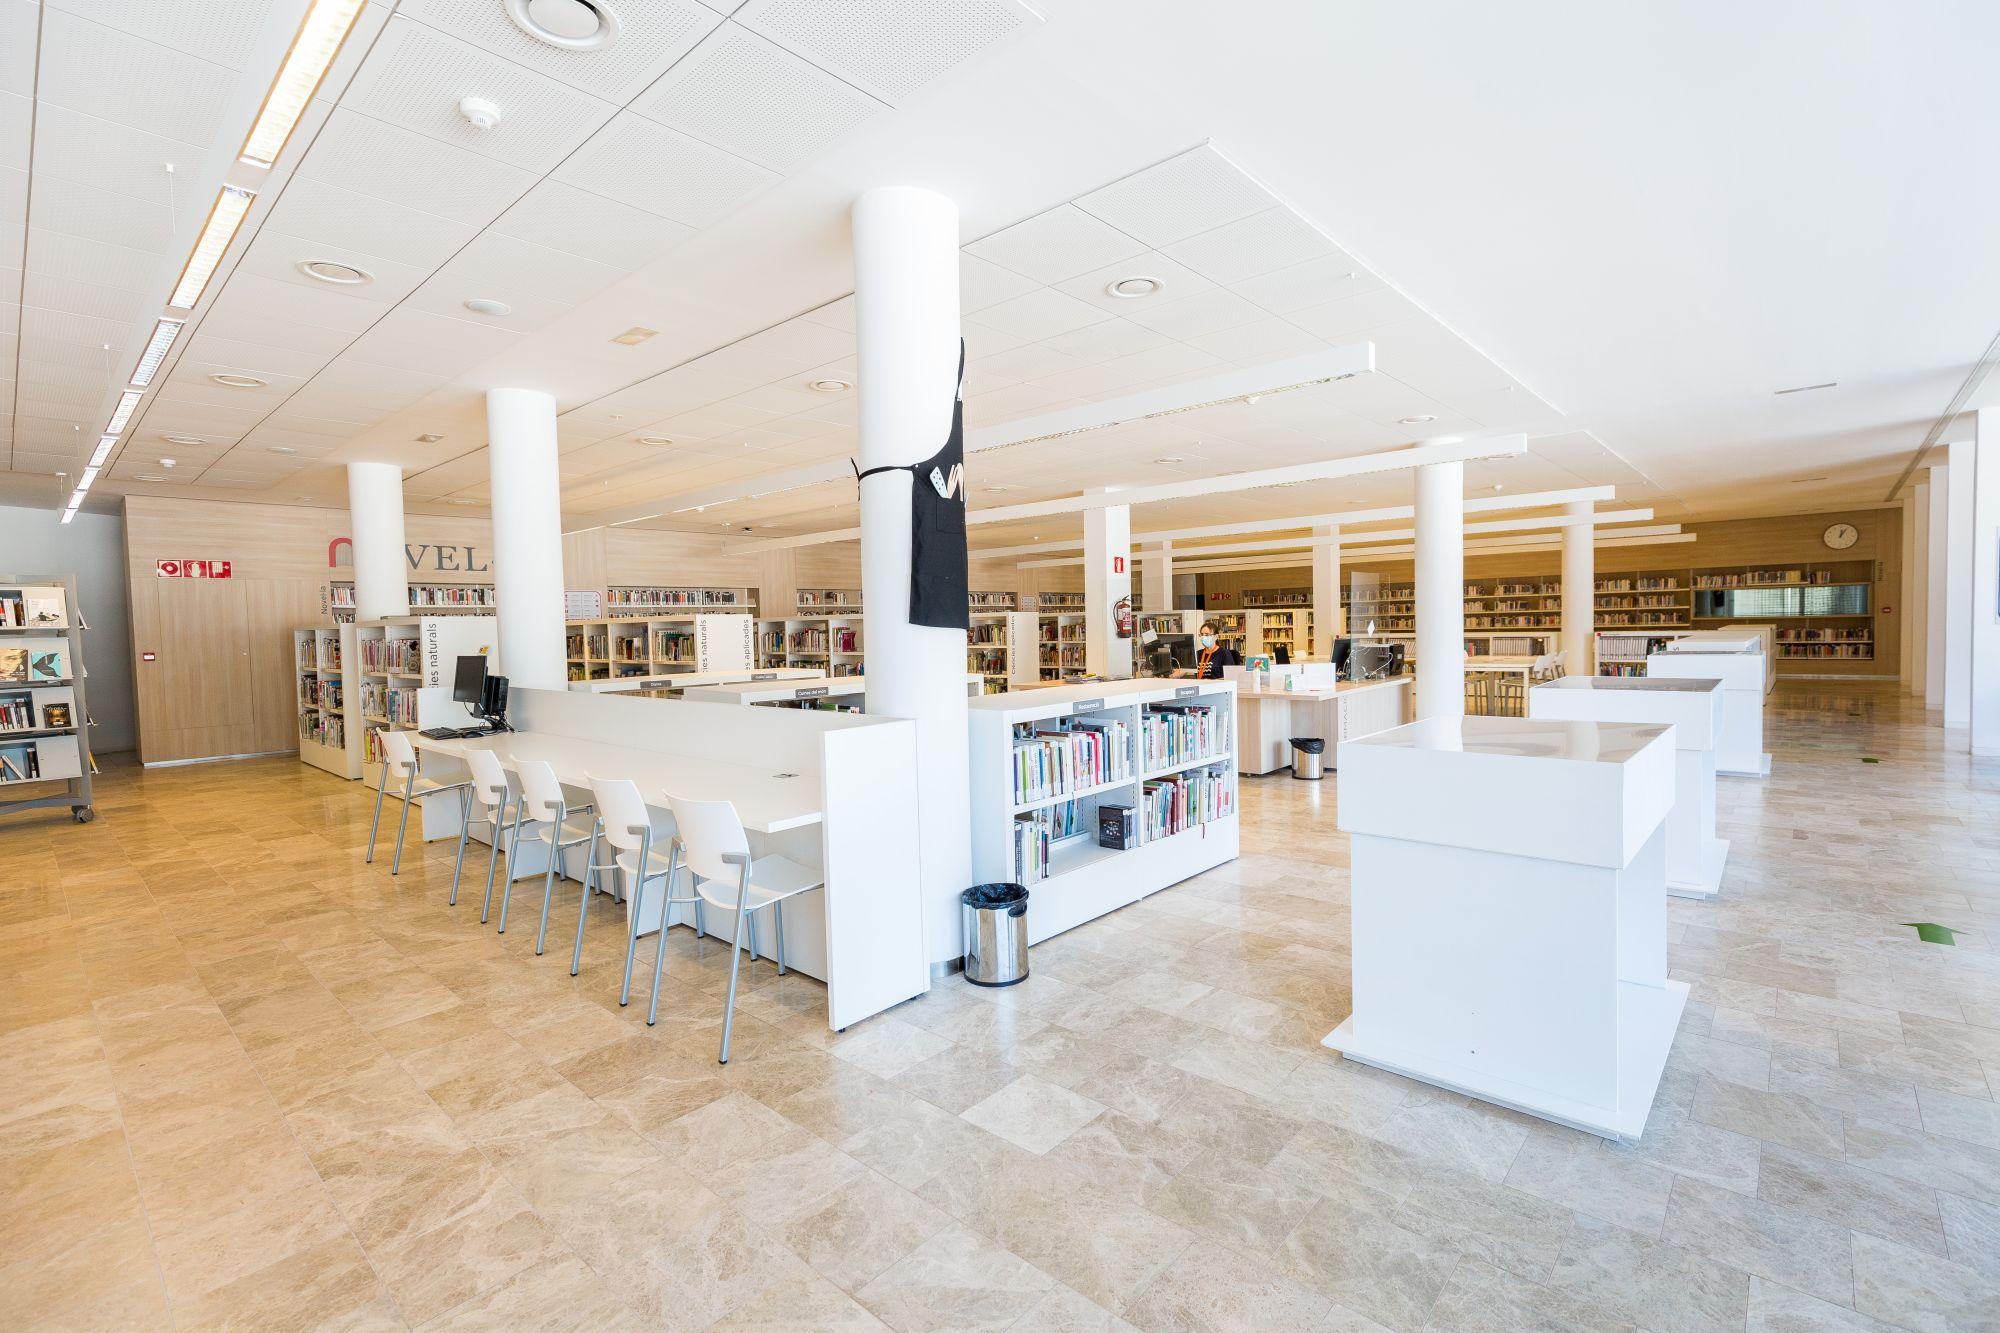 Biblioteca Central de Cerdanyola